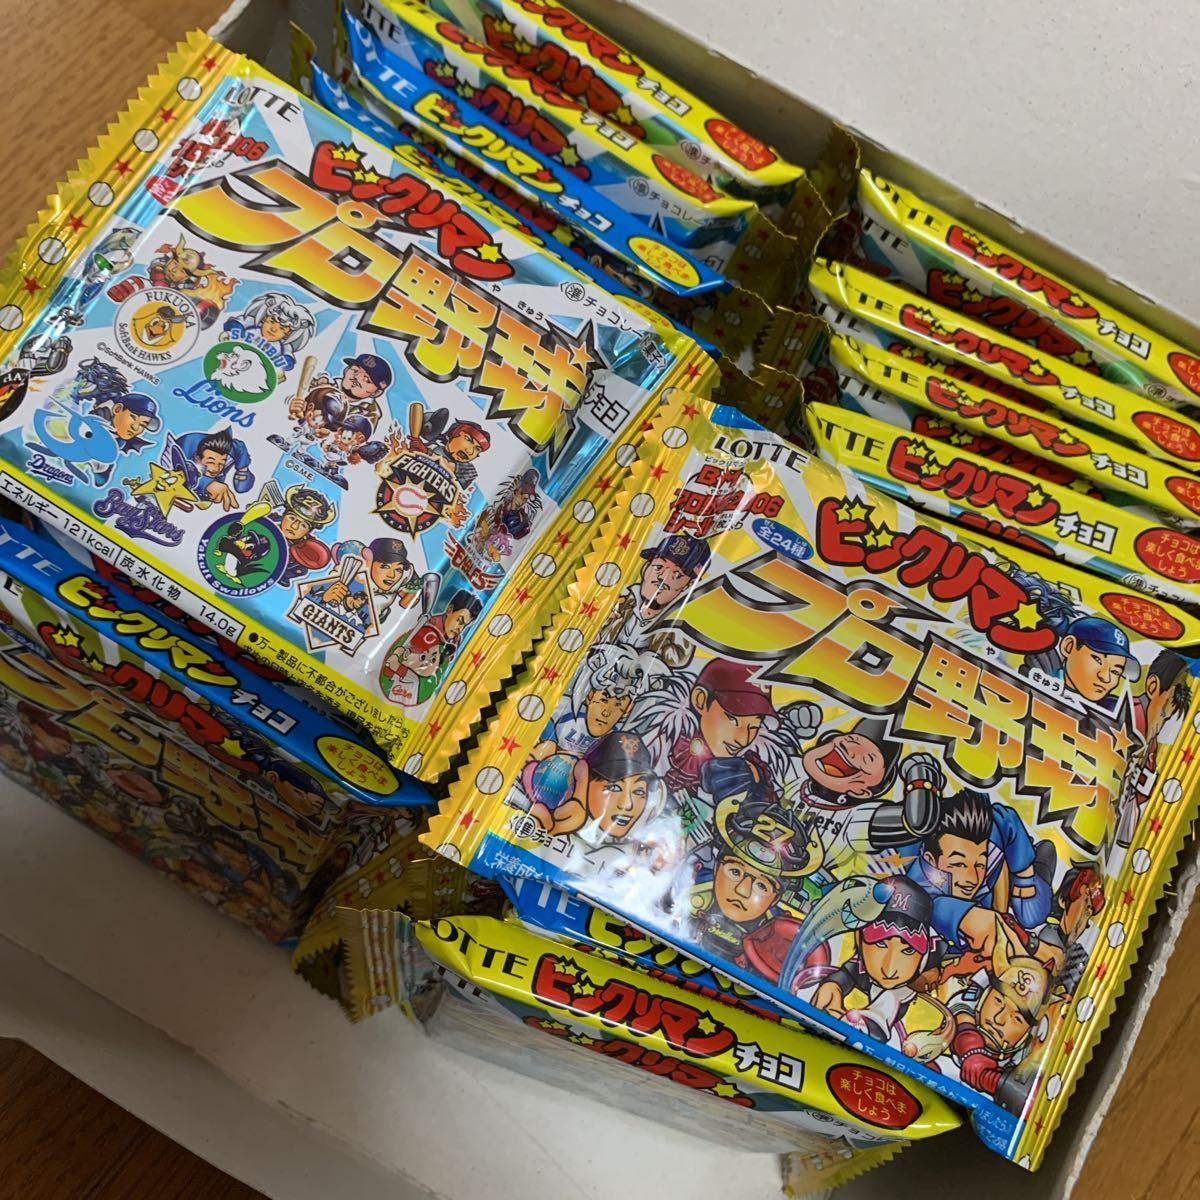 ロッテ ビックリマン プロ野球 2006 シール チョコ 未開封 25個 箱付き レア 当時もの コレクター マイナーシール_画像3